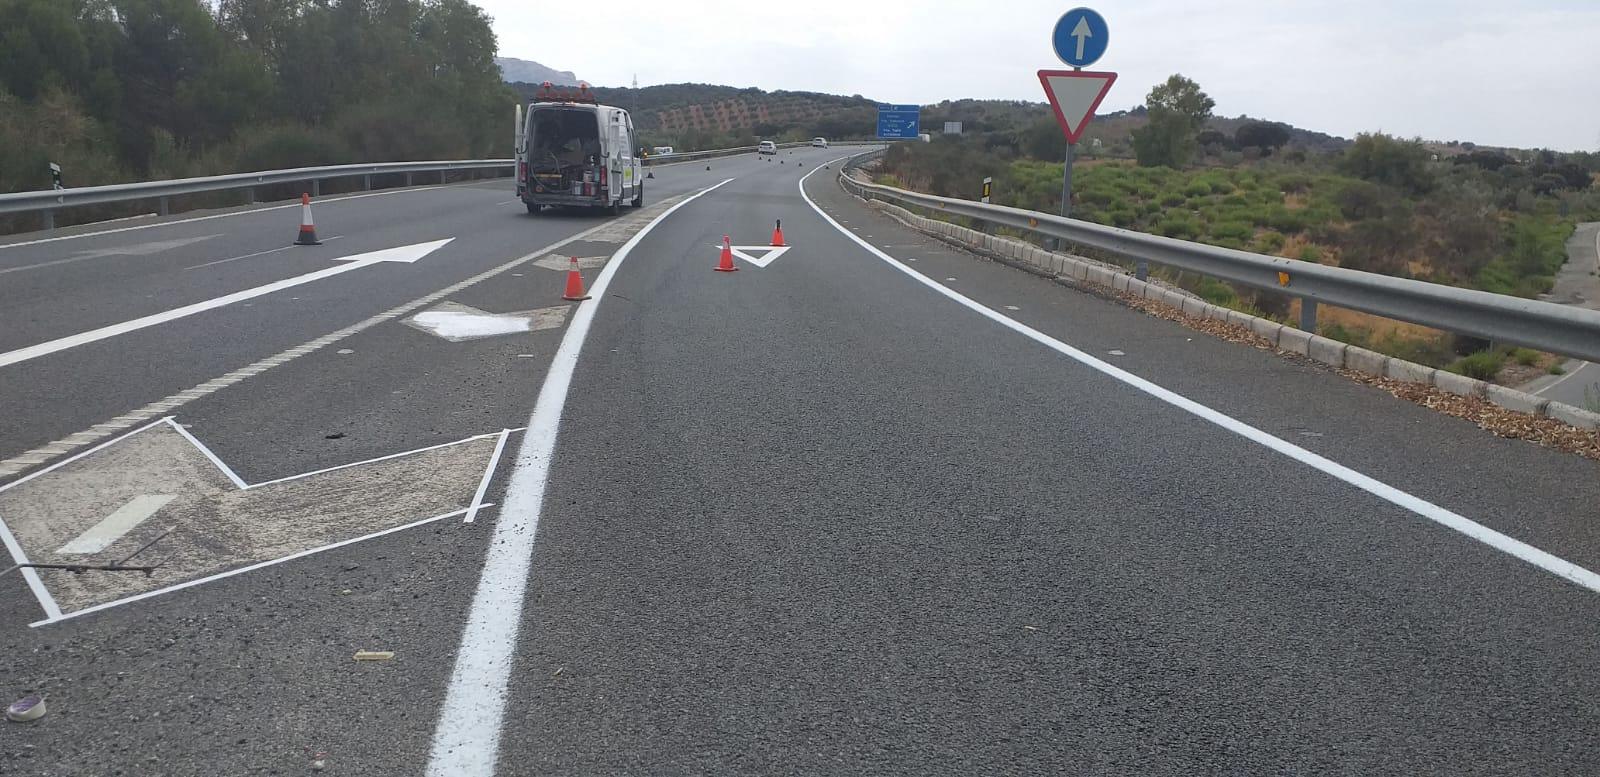 Fomento inicia el repintado de los 26 kilómetros de la autovía A-92M